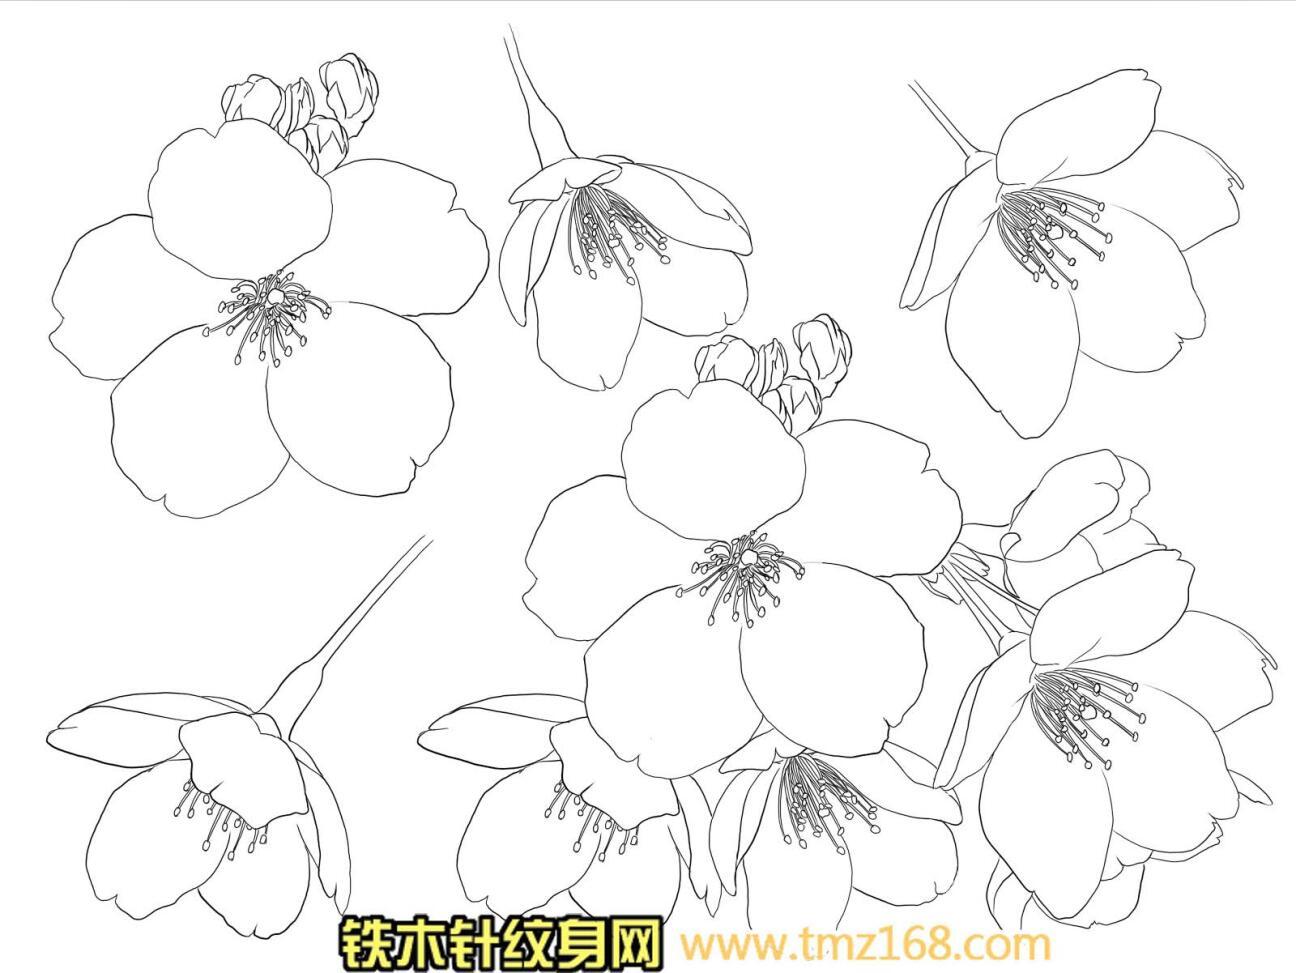 樱花桃花香澳白描精品纹身手稿定制武汉纹身铁木针